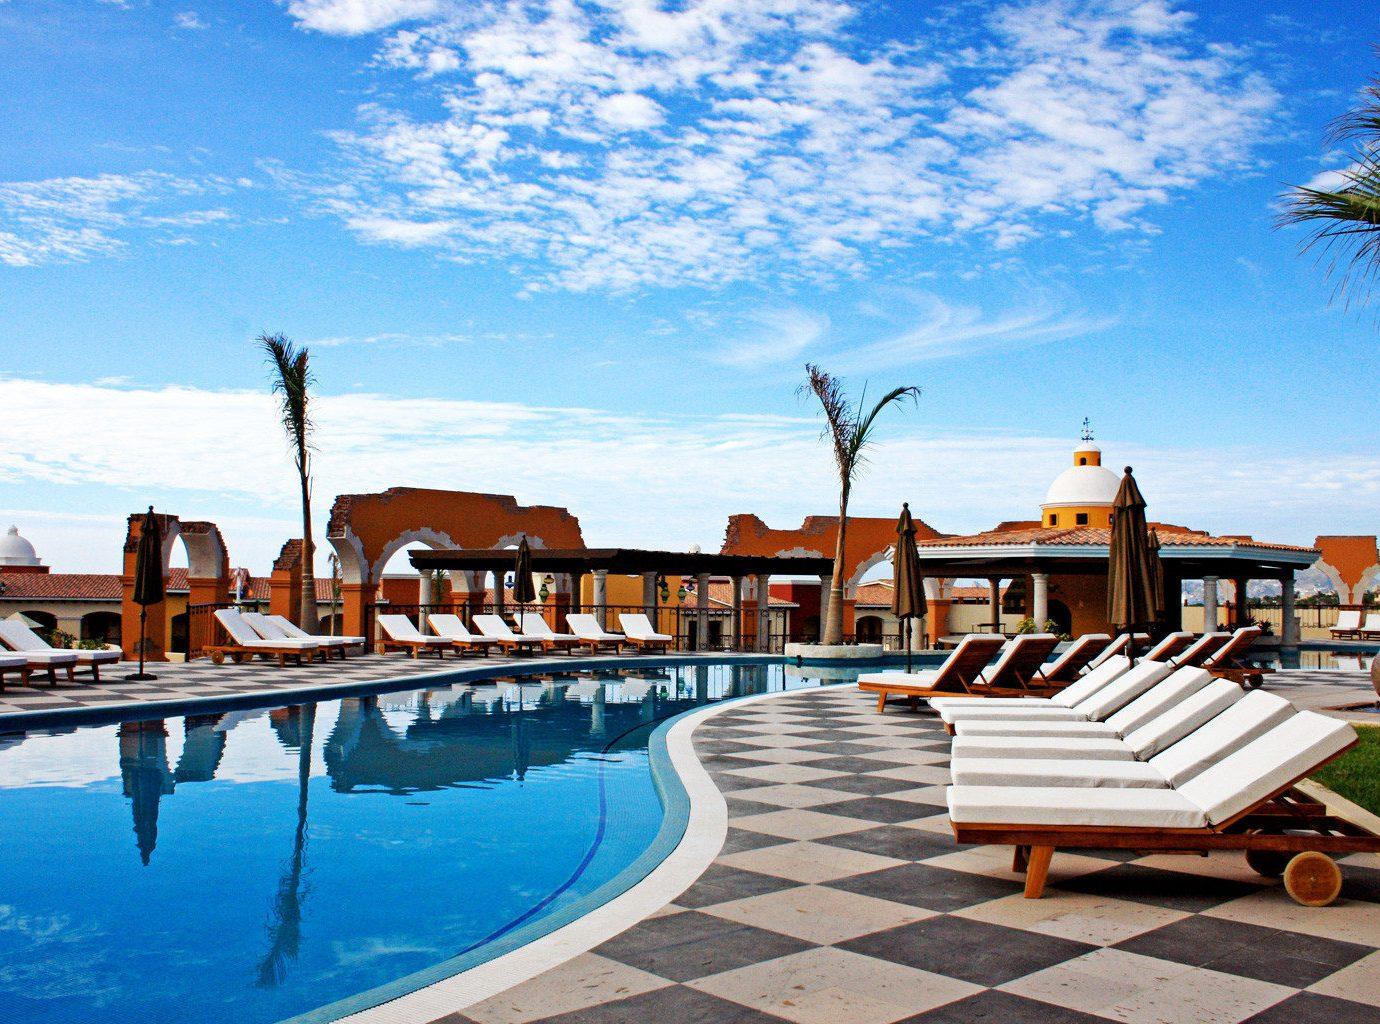 Pool at Hacienda Encantada Resort